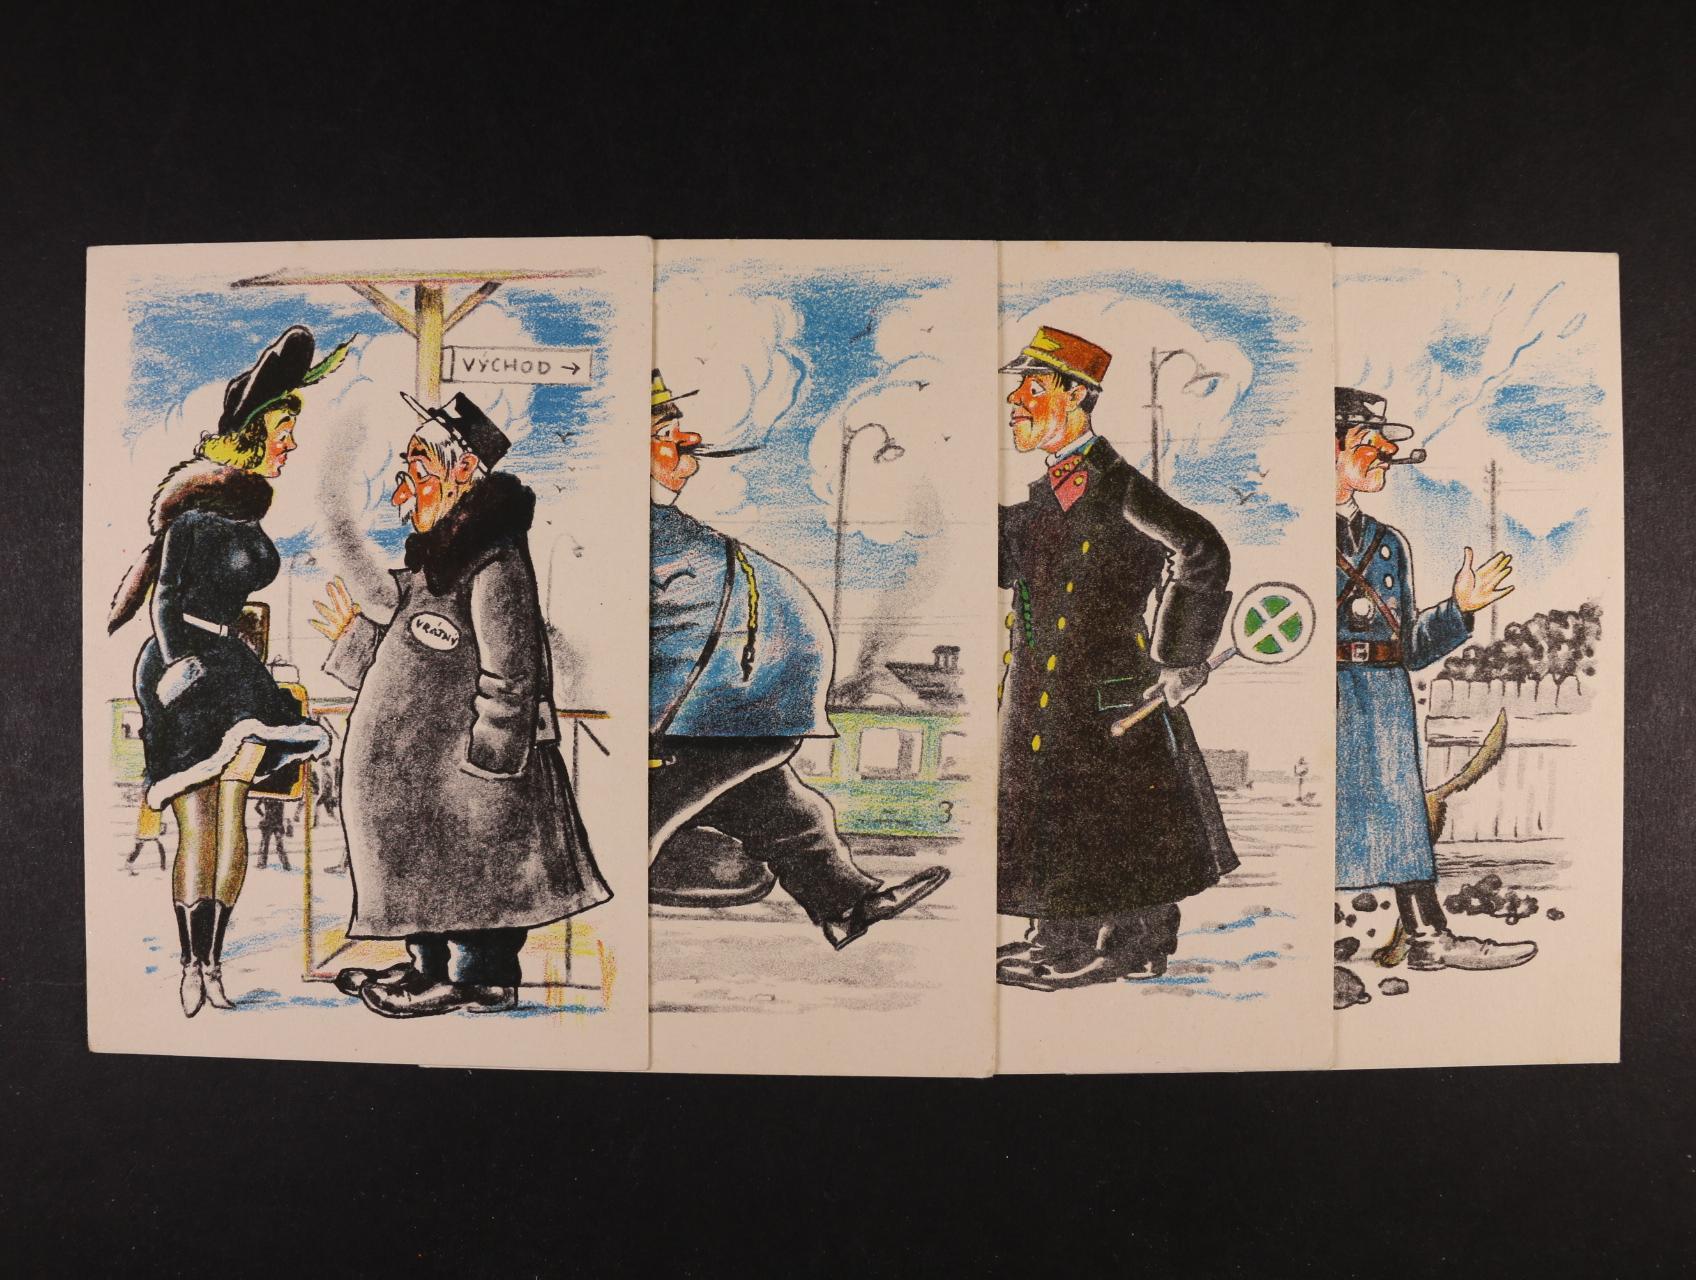 Železnice - kompl. sada 12 ks bar. pohlednic karikatur různých železničářských profesí, nepoužité